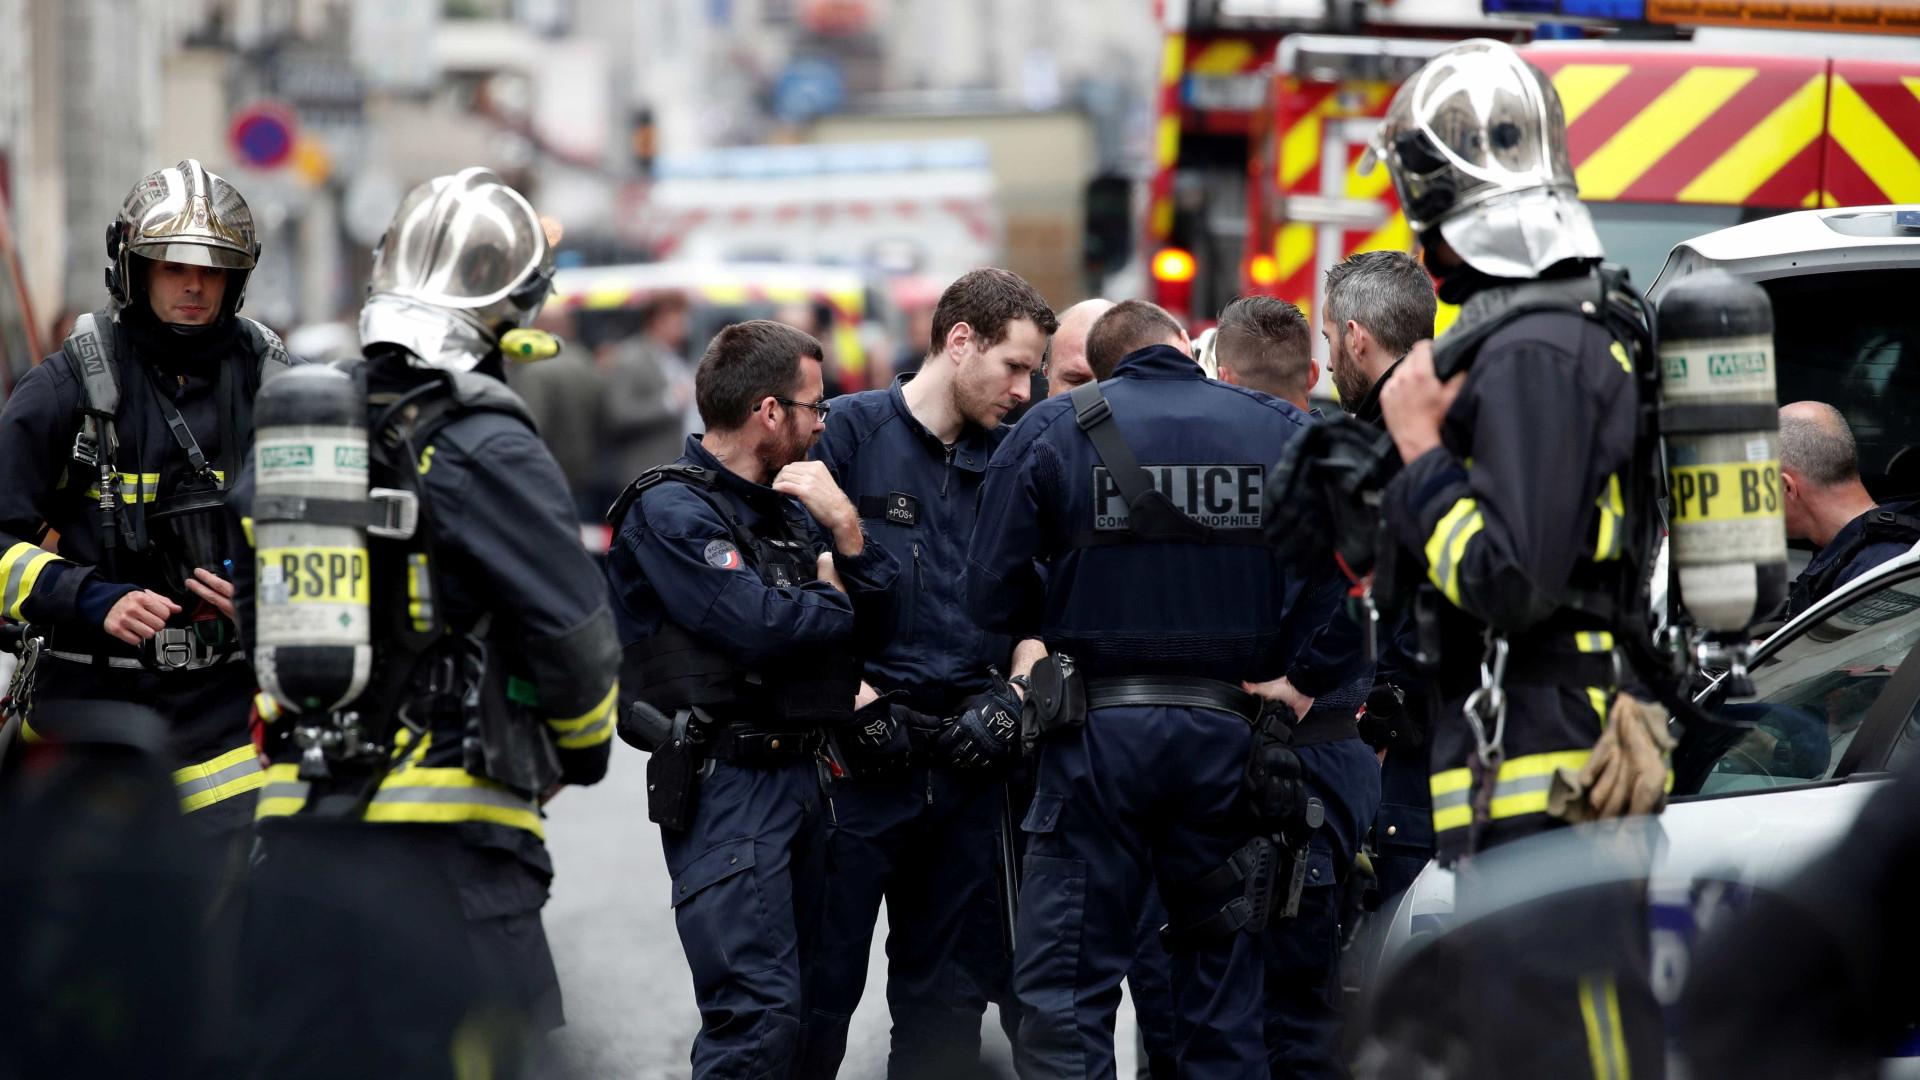 Sequestrador é preso e reféns são libertados em Paris